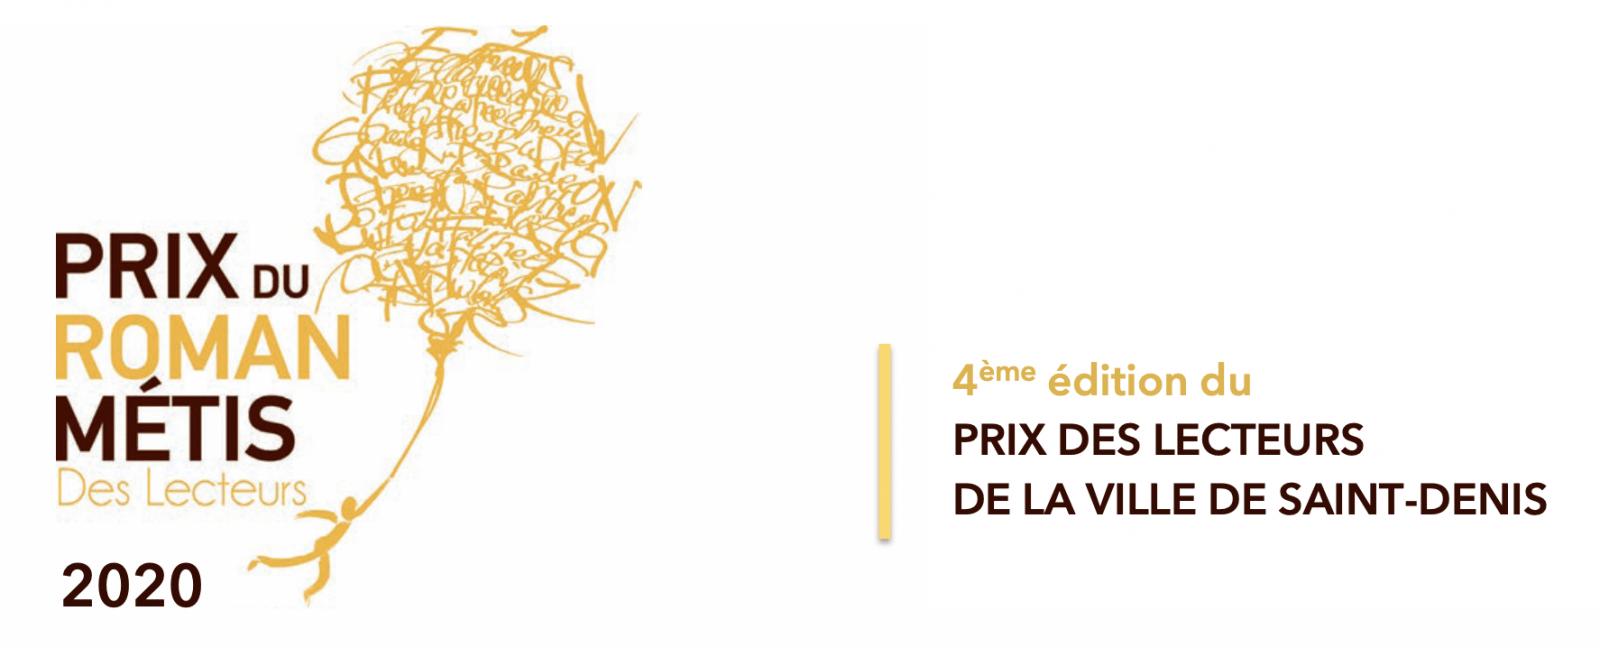 Prix du Roman Métis des Lecteurs 2020